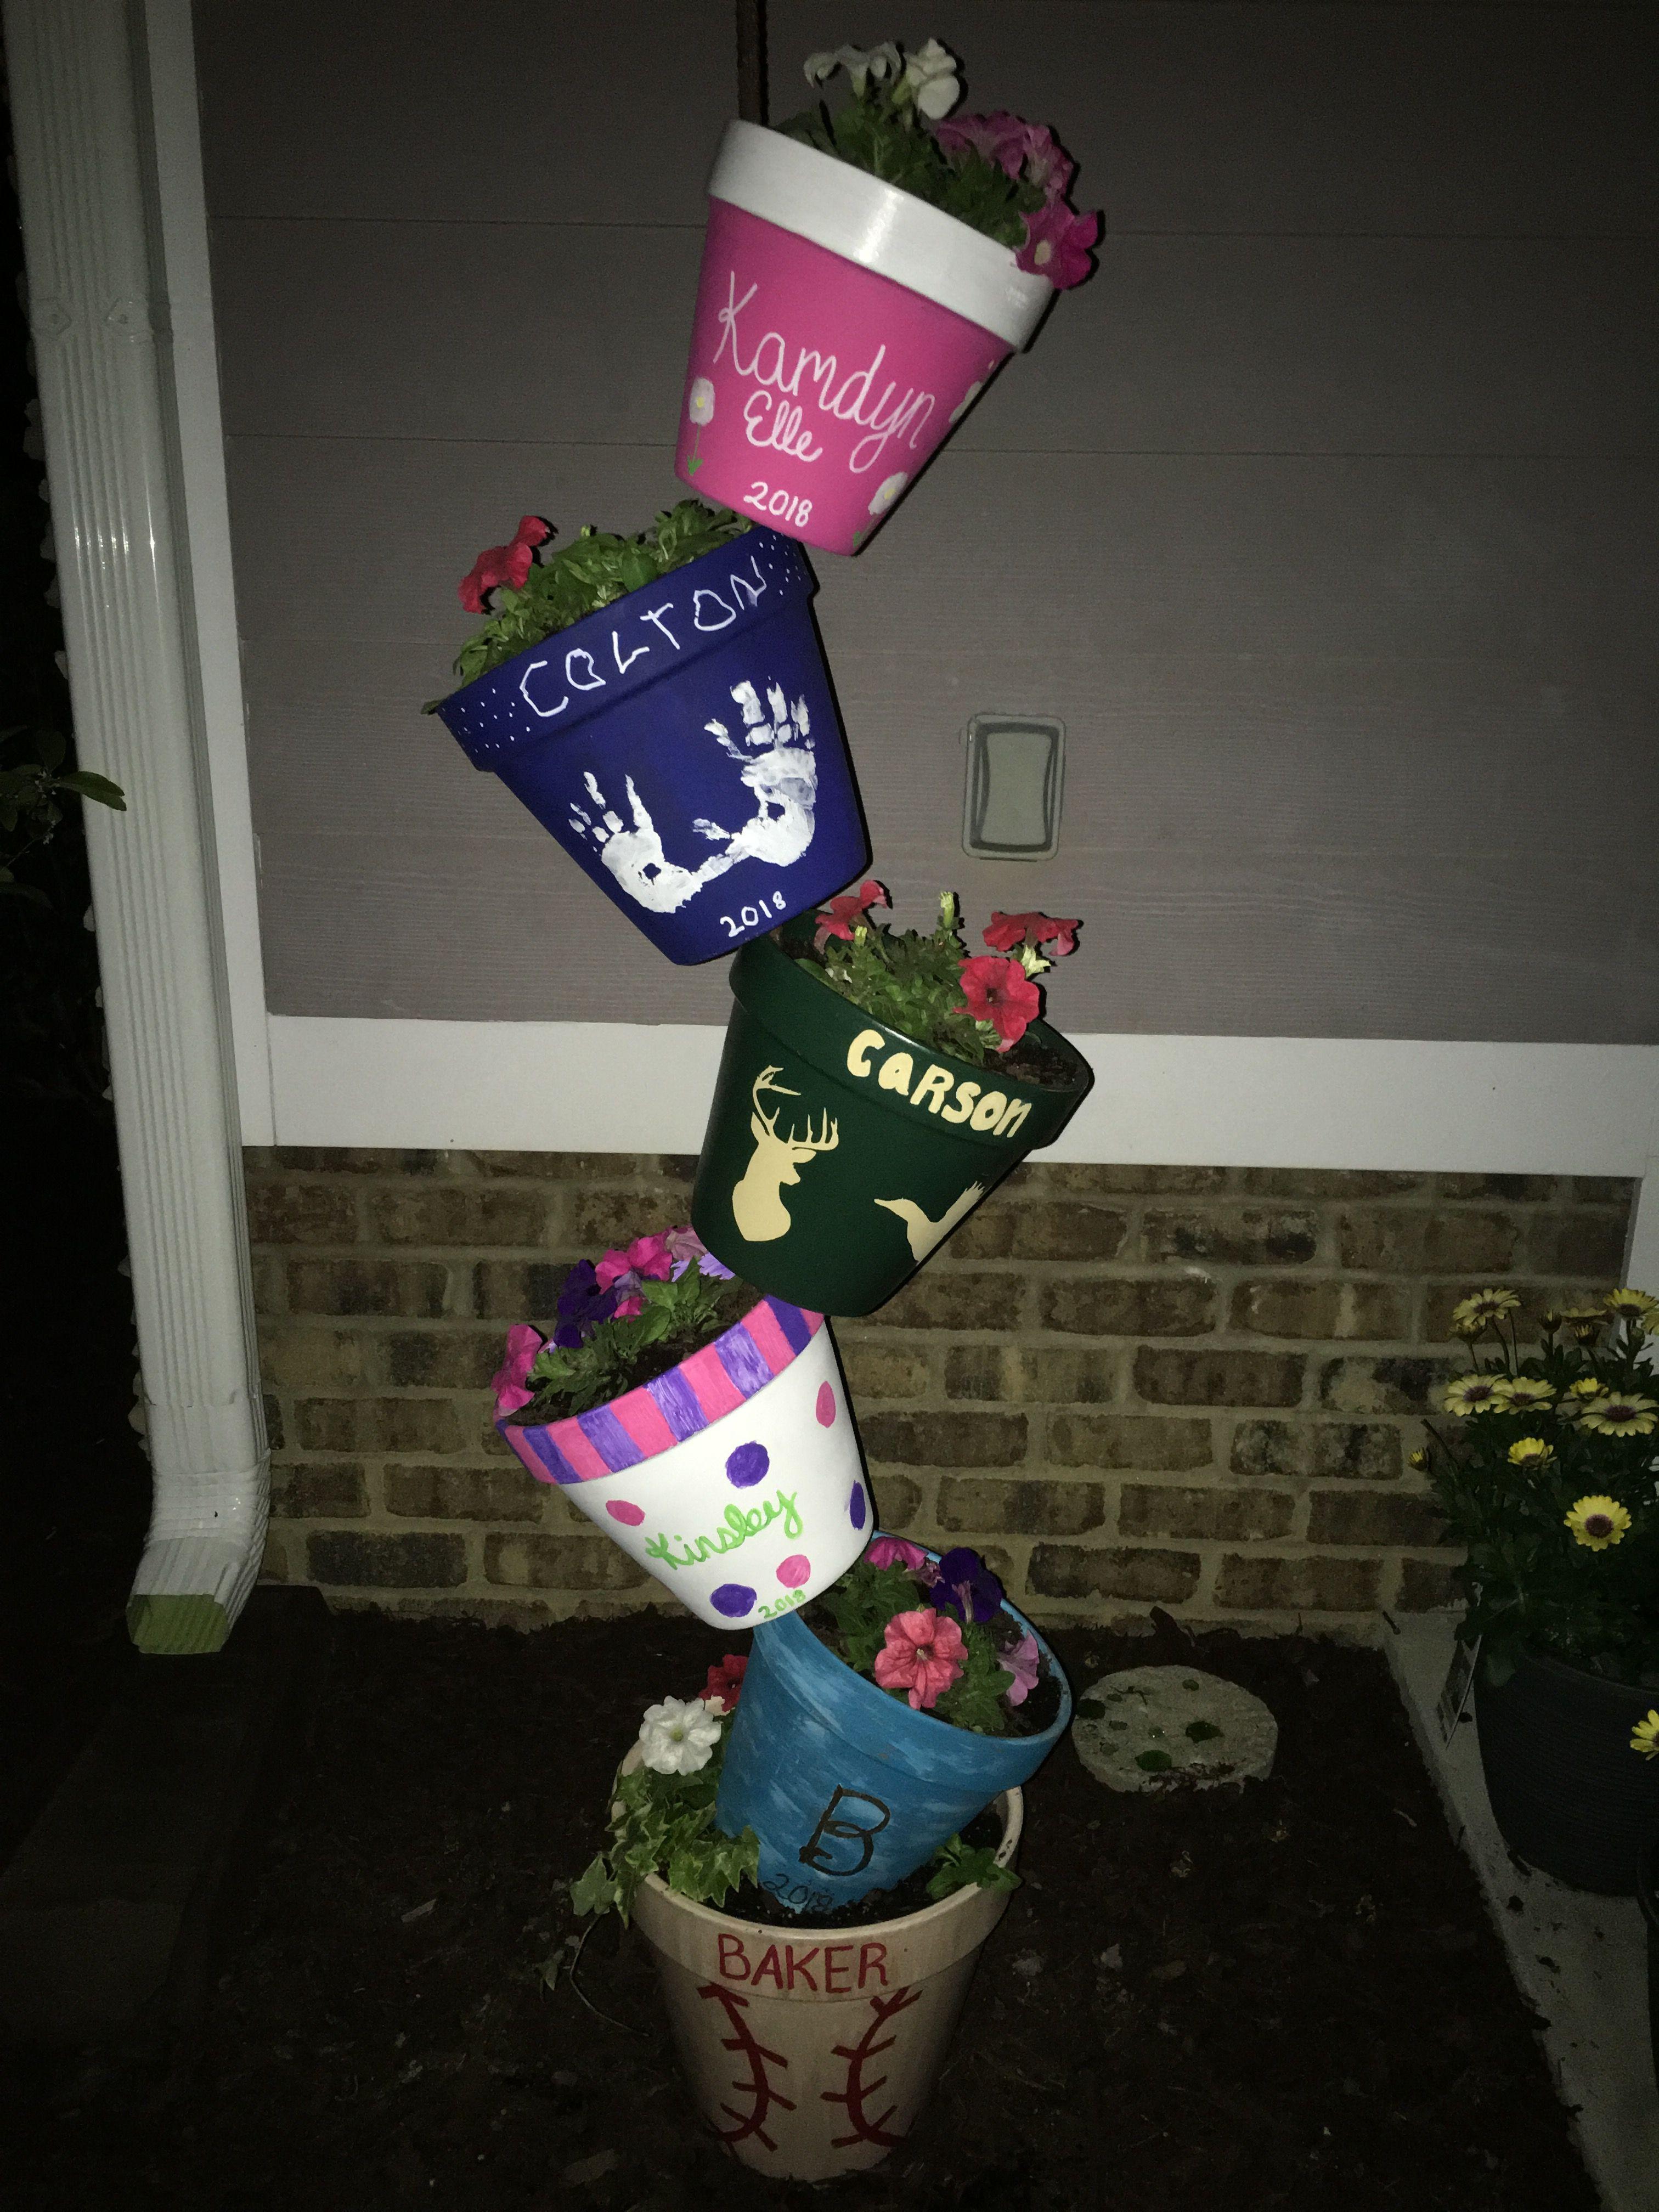 paper vase hat of pin by allen baker on flower pot ideas pinterest intended for flower pots flowers ideas flower vases planters florals flower planters blossoms flower